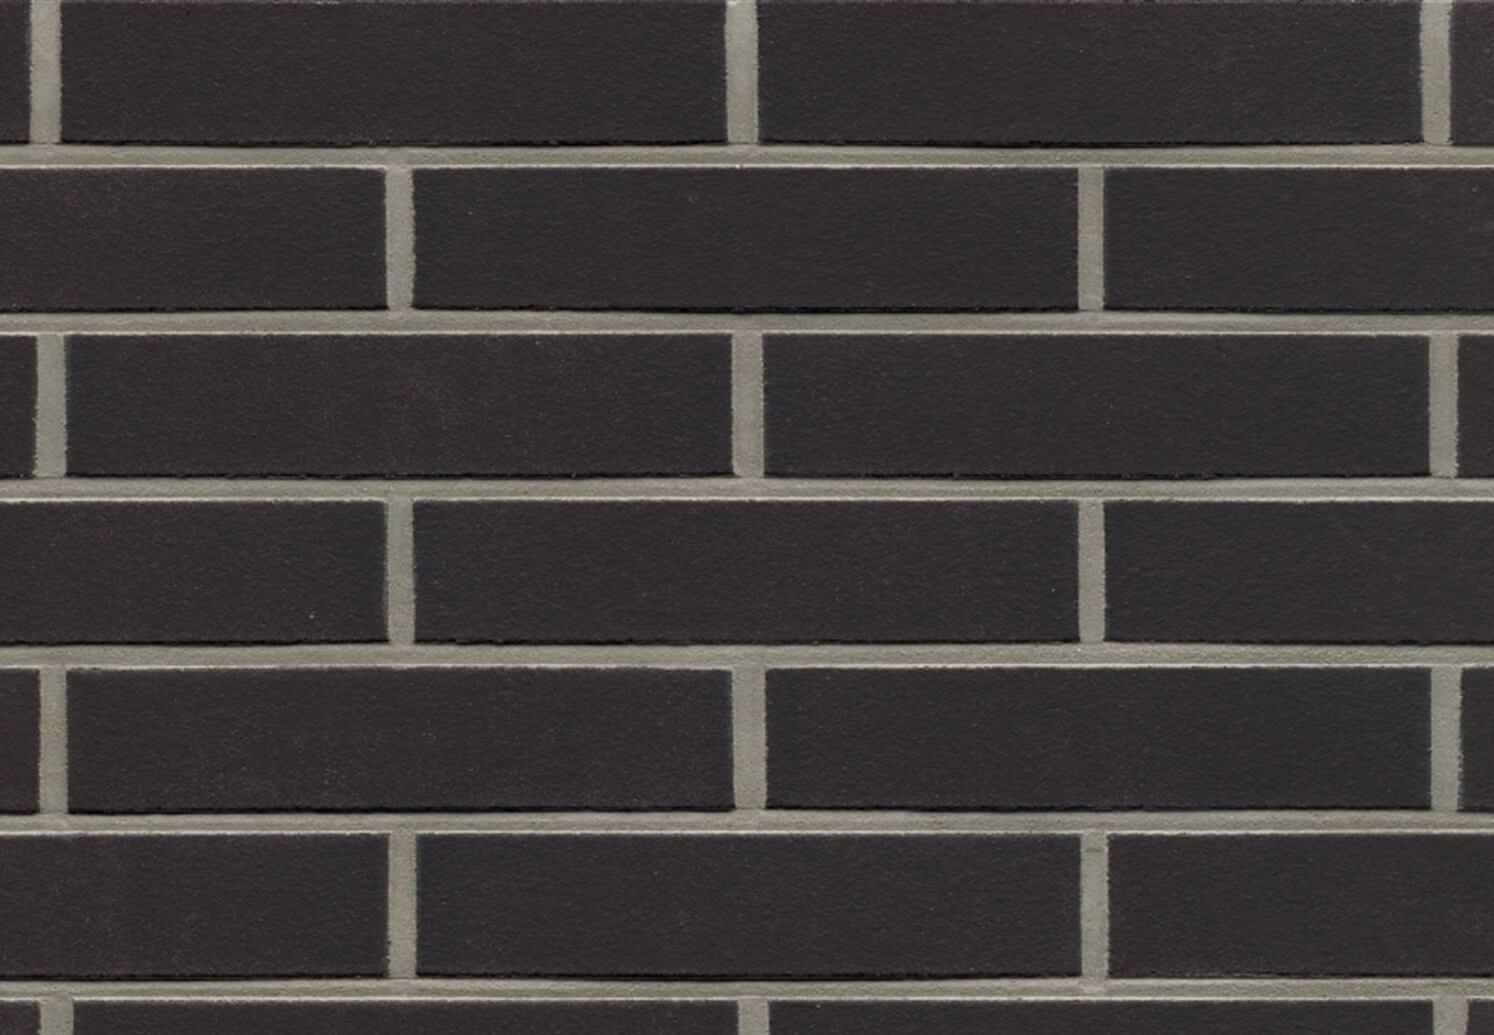 Feldhaus Klinker - R700LDF14, Classic Anthracit Liso, 290x14x52 - Клинкерная плитка для фасада и внутренней отделки